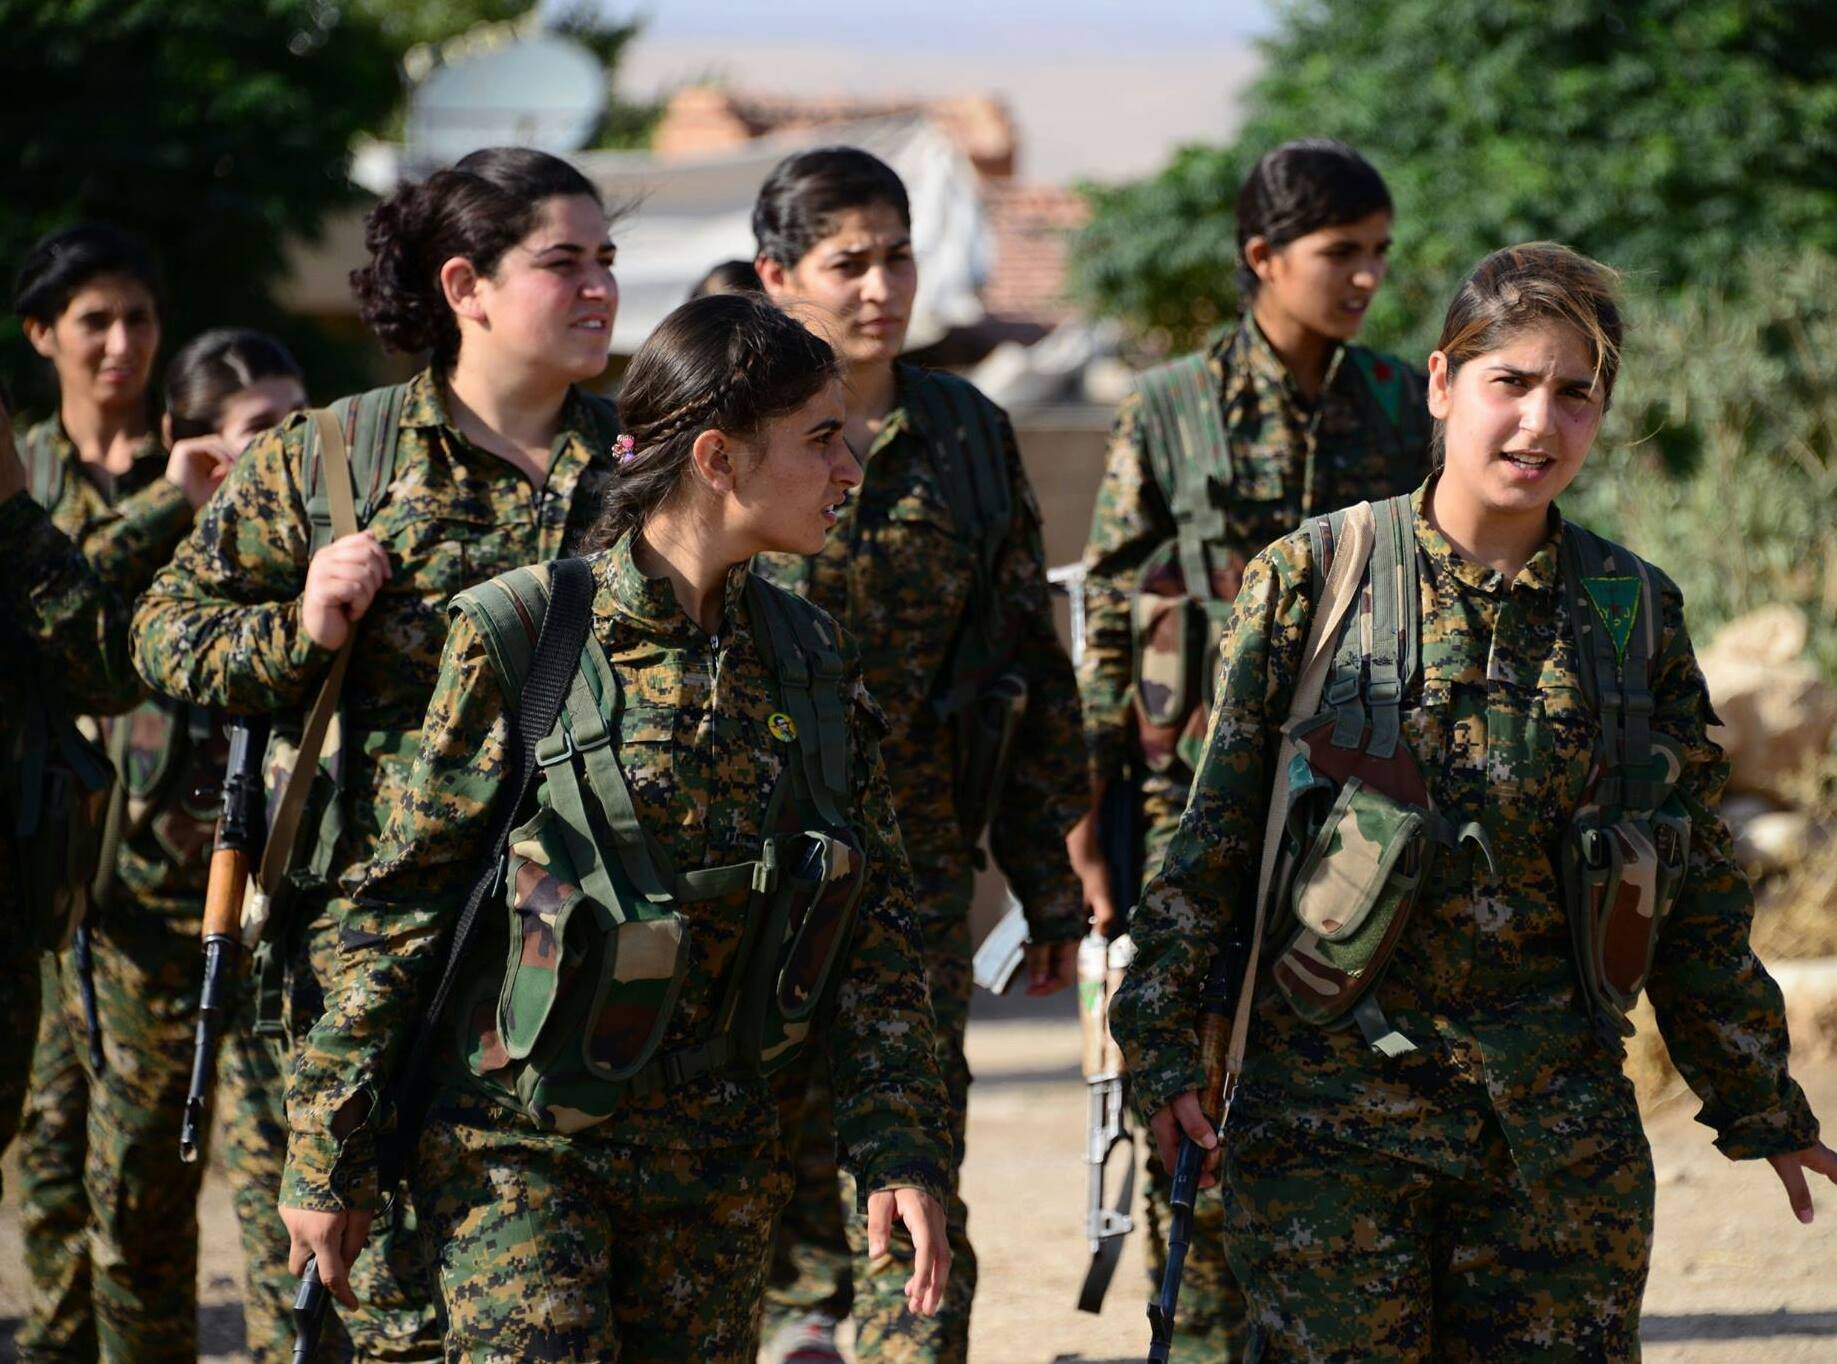 صورة الوحدات الكردية تنوي مضاعفة تعداد قواتها لـ 100 ألف